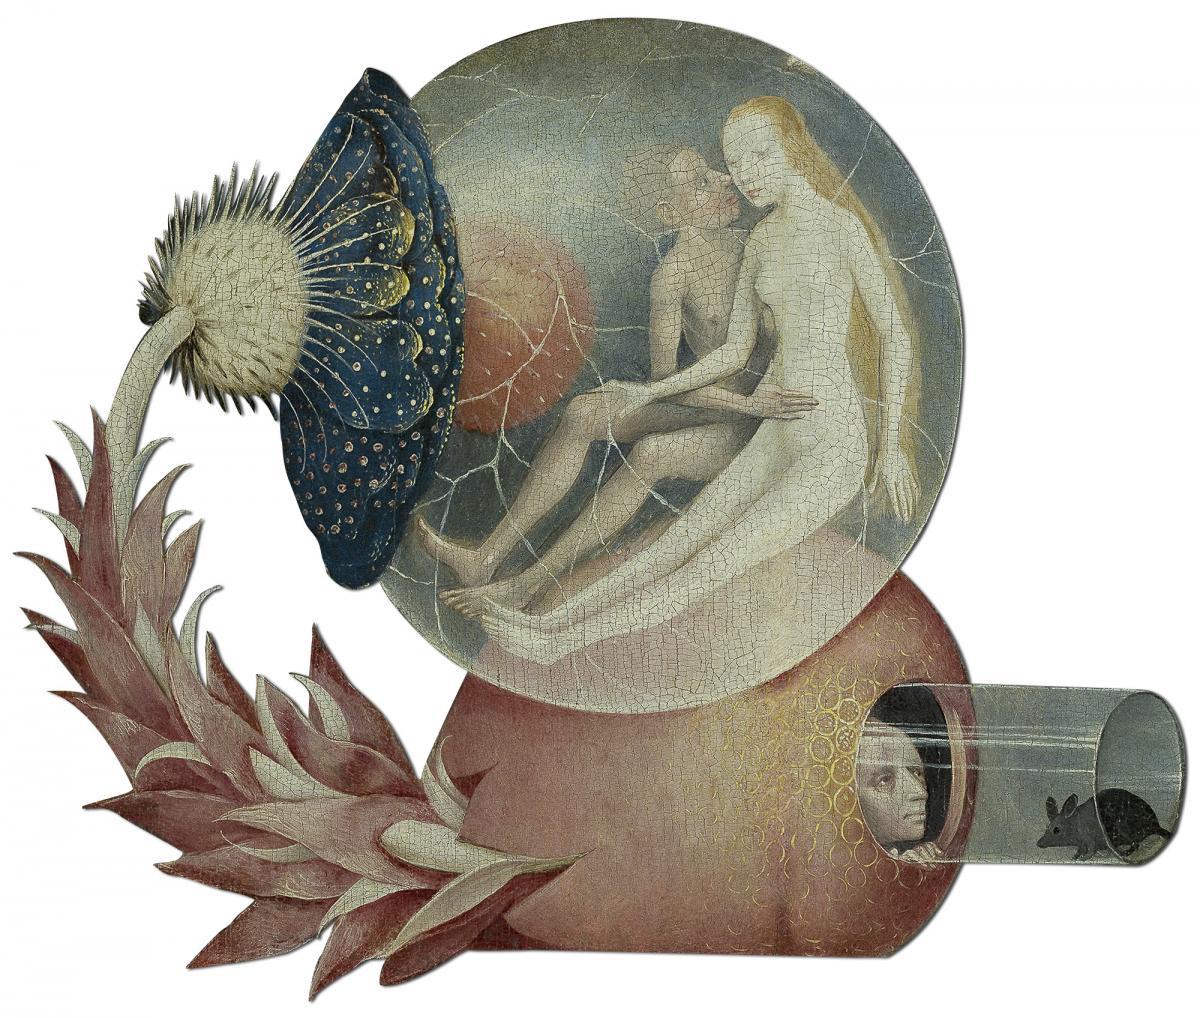 Uitgesneden figuur uit het midden paneel van de Tuin der Lusten, Bosch, inkjetprint op dibond cnc uitgesneden